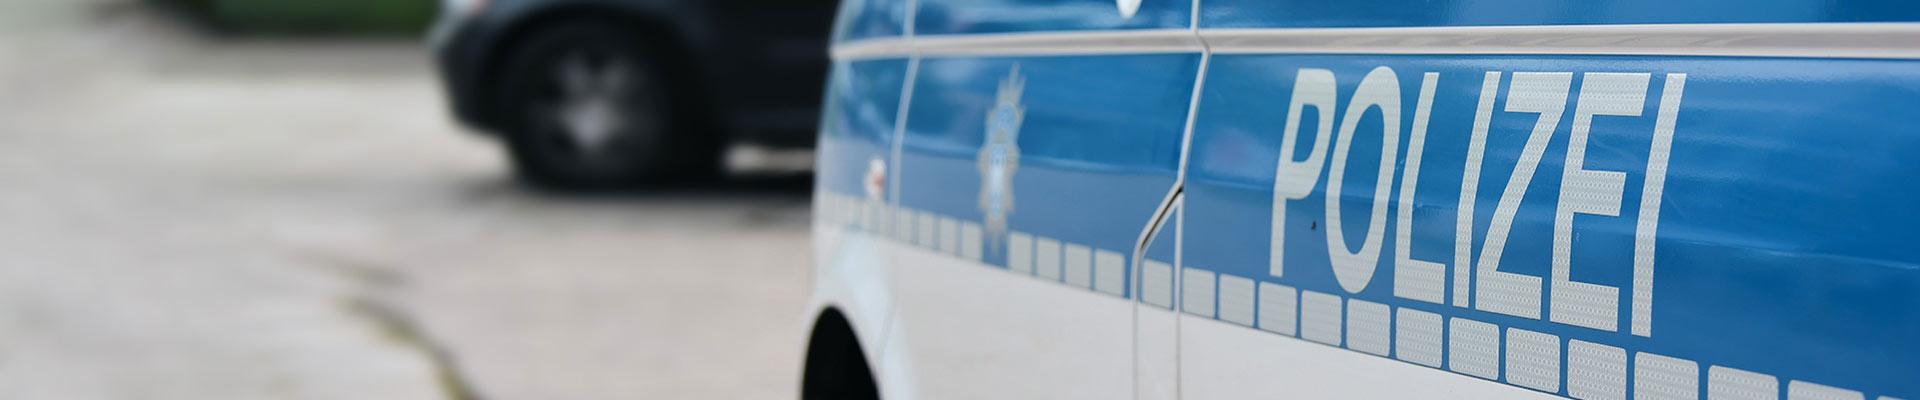 Autobeschriftung für Polizei-Auto in Stuttgart